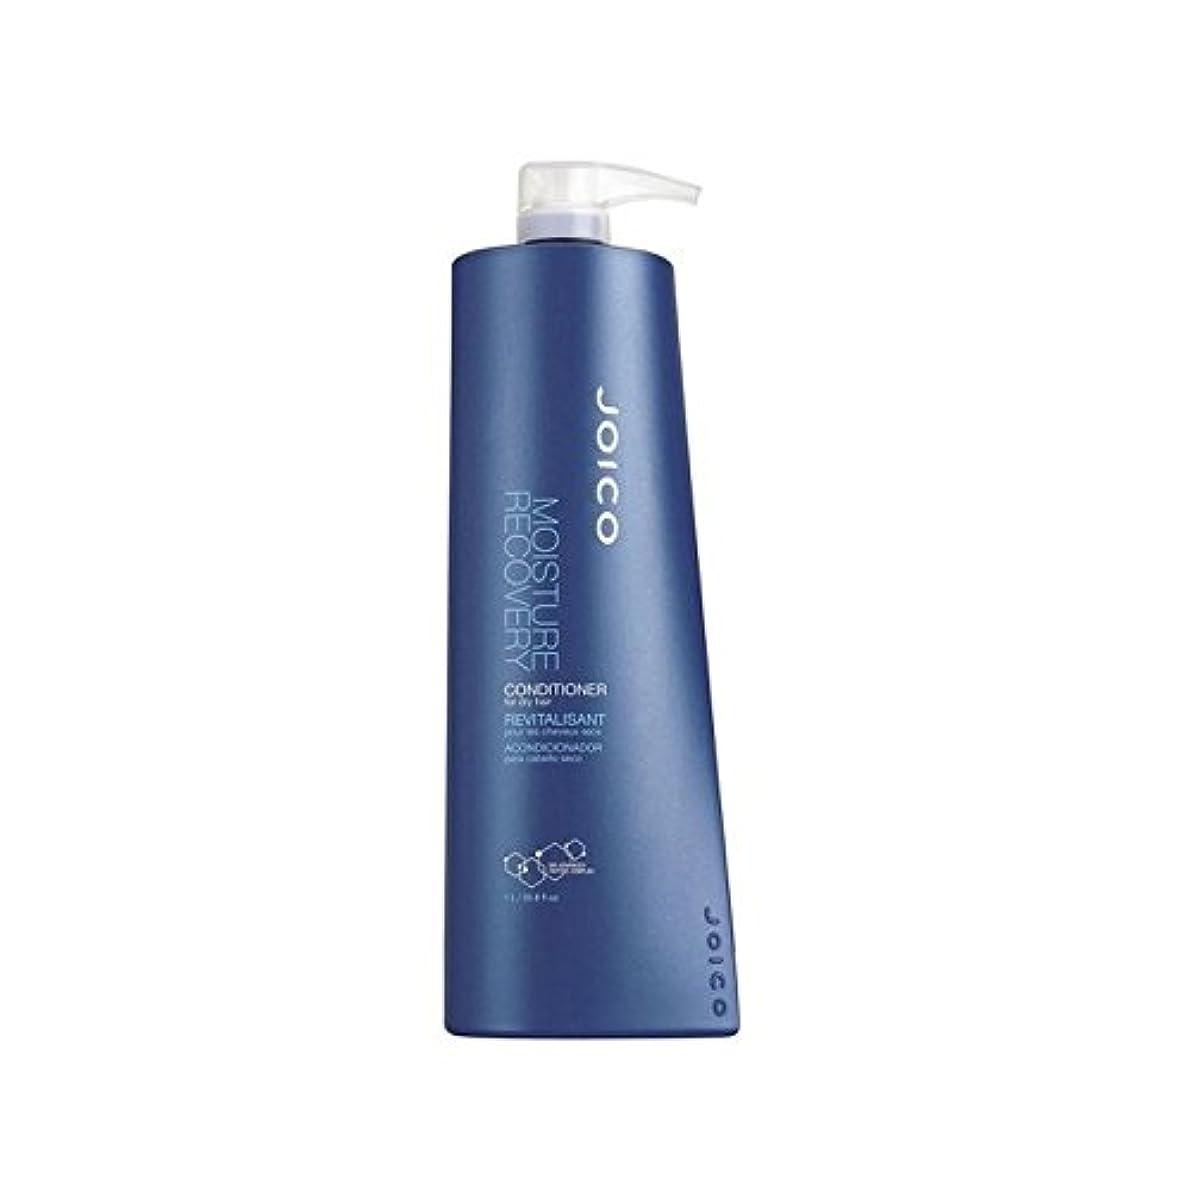 巧みな精算日乾いた髪用ジョイコ水分回復コンディショナー(千ミリリットル) x4 - Joico Moisture Recovery Conditioner For Dry Hair (1000ml) (Pack of 4) [並行輸入品]